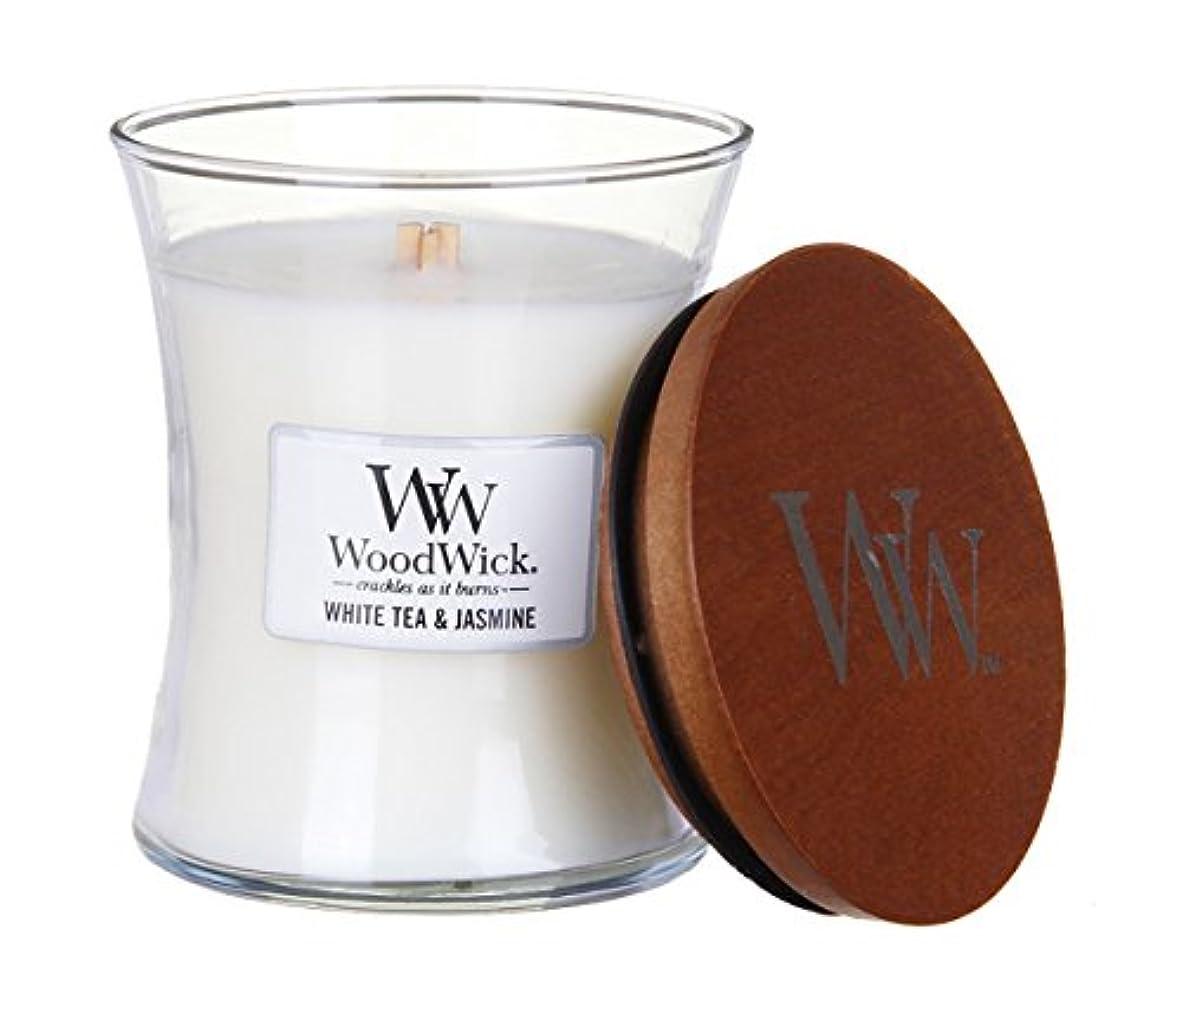 ラインナップモーション不足ホワイトTea Jasmine – WoodWick 10oz Medium Jar Candle Burns 100時間